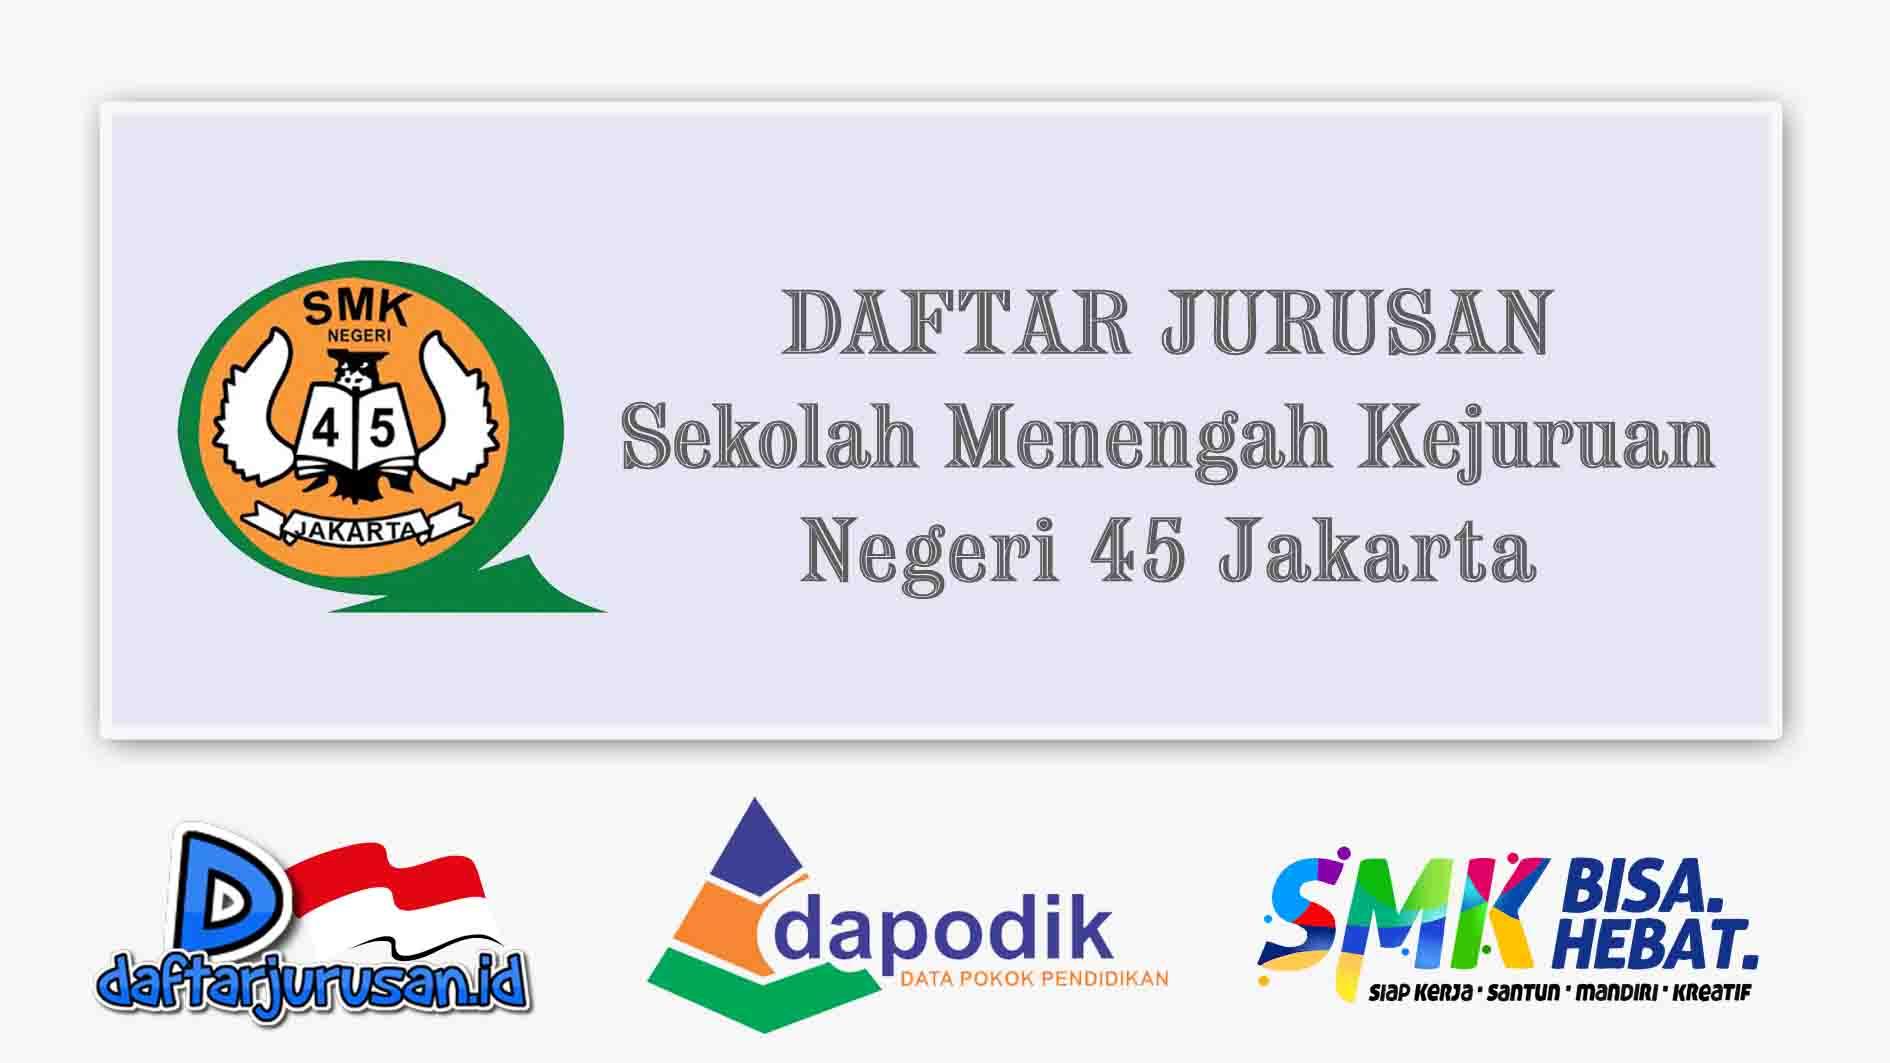 Daftar Jurusan SMK Negeri 45 Jakarta Barat